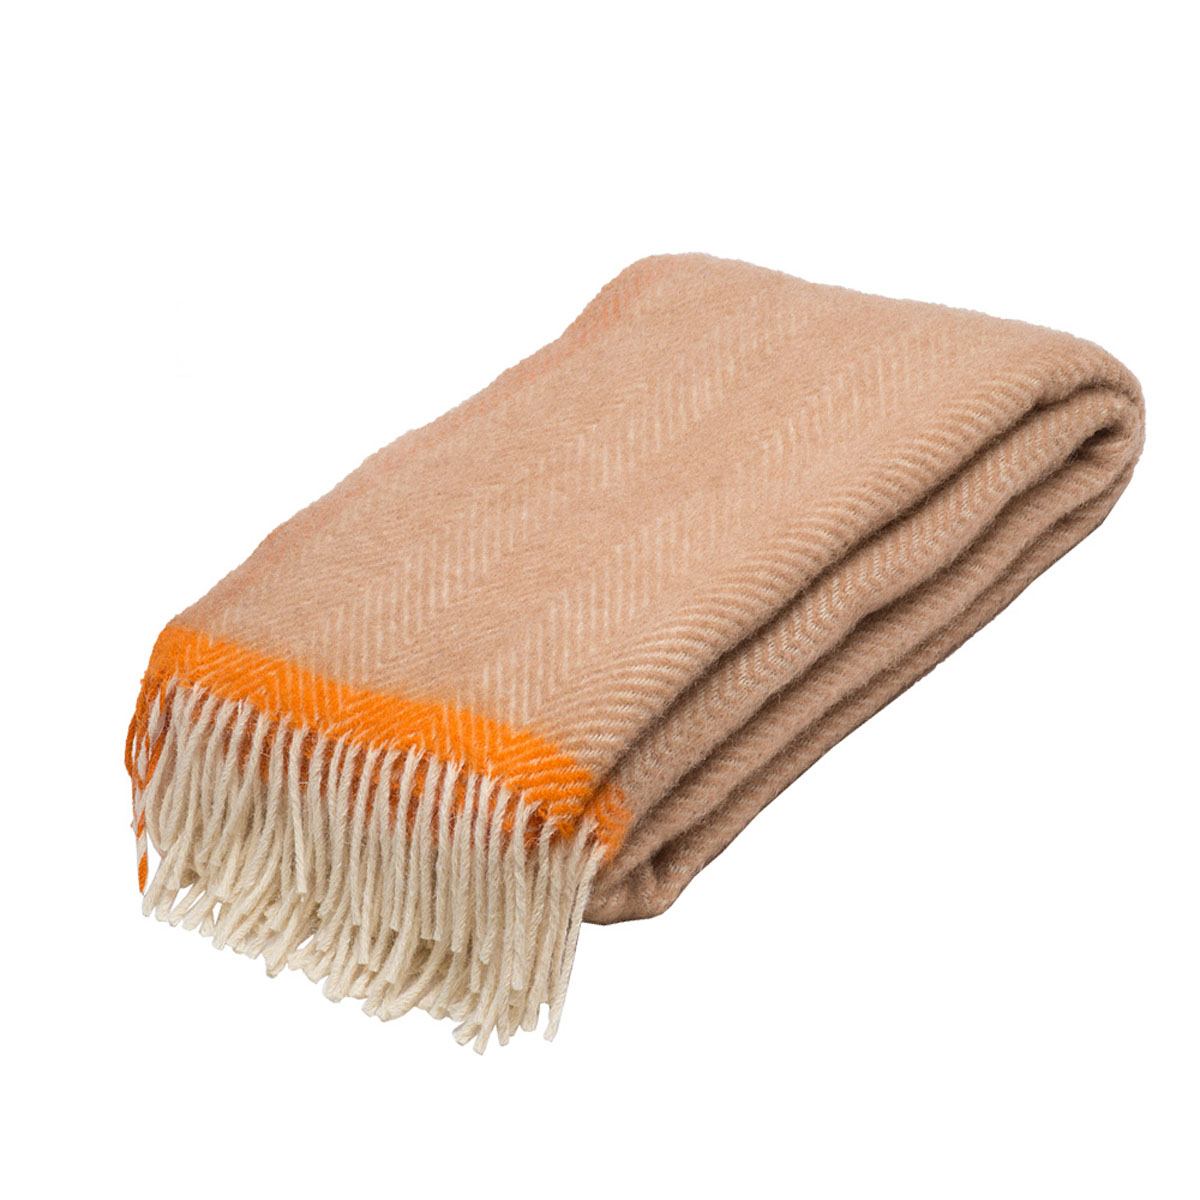 Плед Руно Mone, цвет: песочный, оранжевый, 140 х 200 см. 1-541-140 (03)58393Плед Руно Mone гармонично впишется в интерьер вашего дома и создаст атмосферу уюта и комфорта. Чрезвычайно мягкий и теплый плед с кистями изготовлен из натуральной овечьей шерсти. Высочайшее качество материала гарантирует безопасность не только взрослых, но и самых маленьких членов семьи.Плед - это такой подарок, который будет всегда актуален, особенно для ваших родных и близких, ведь вы дарите им частичку своего тепла!